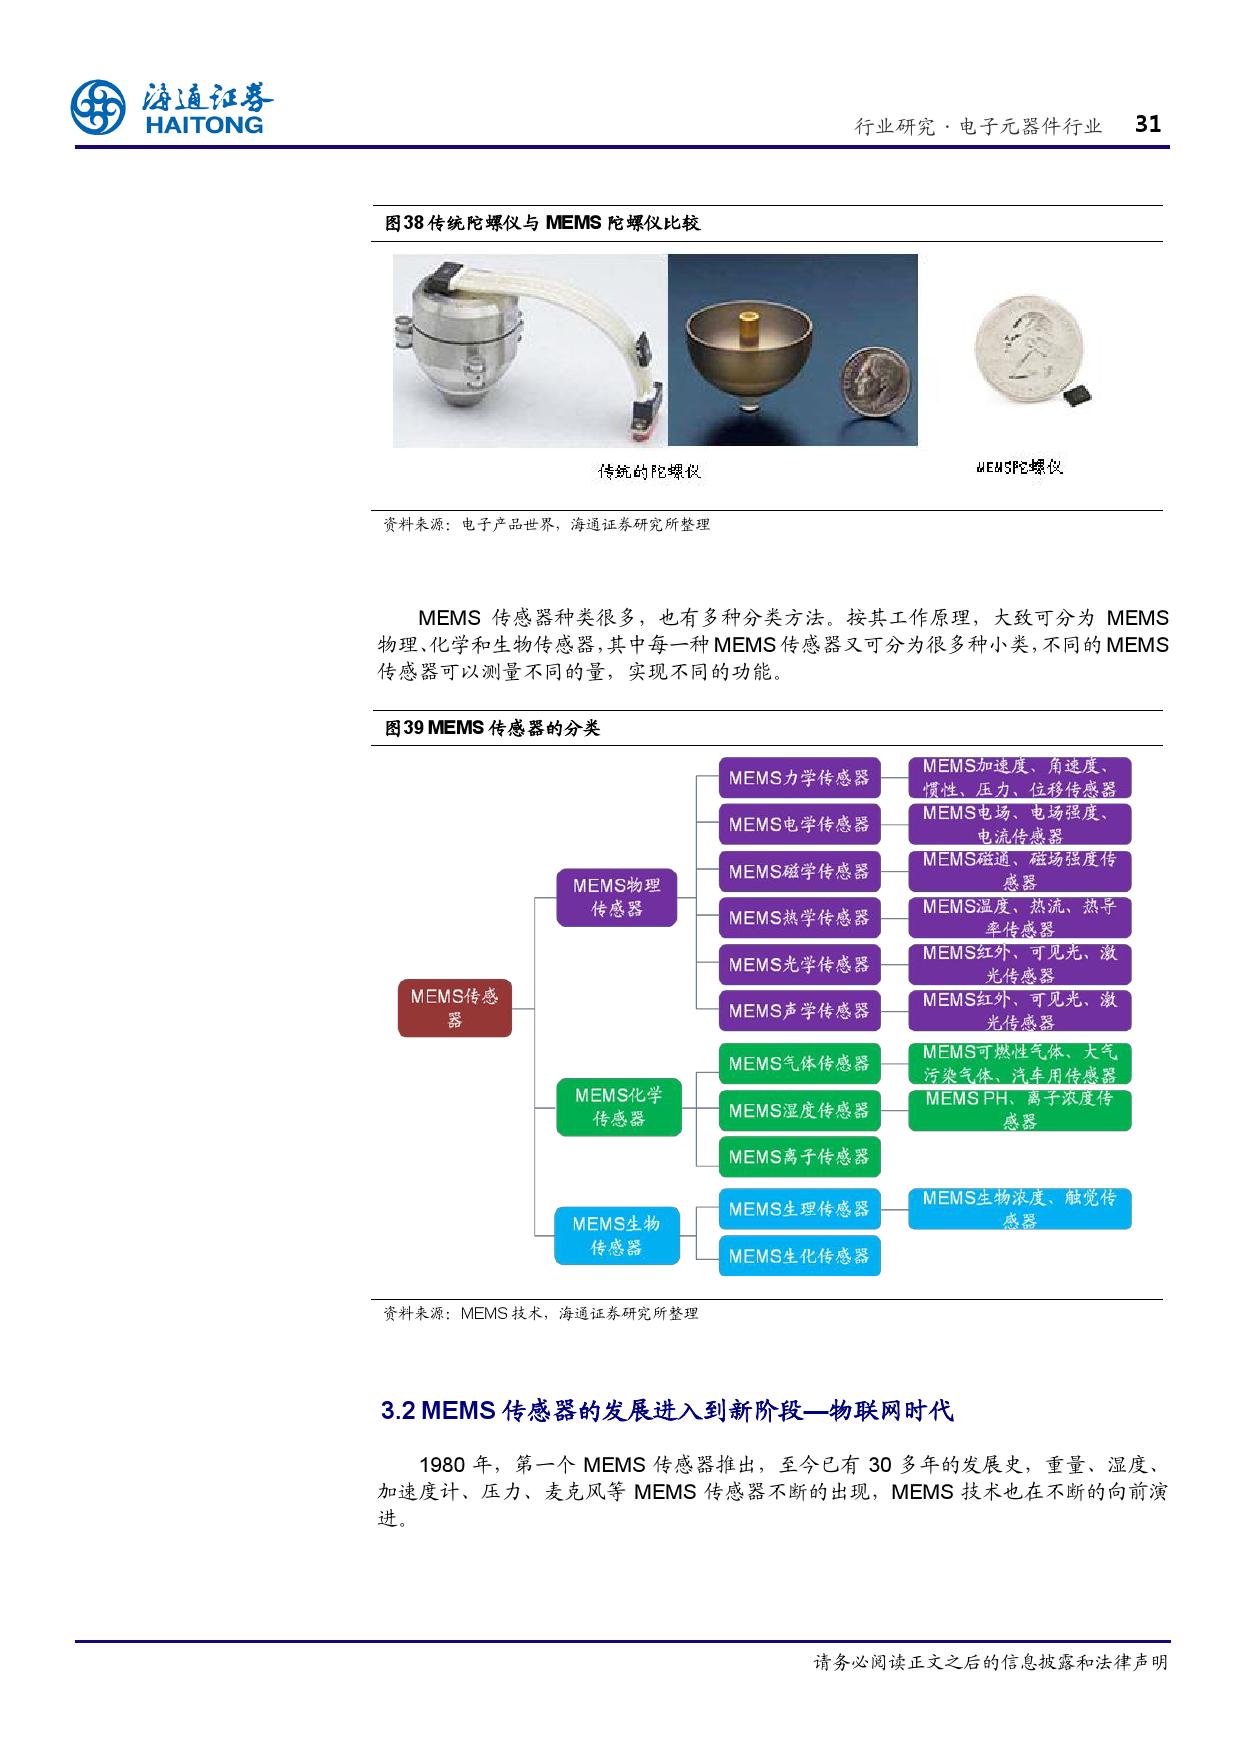 报告全解传感器全球产业链_000031